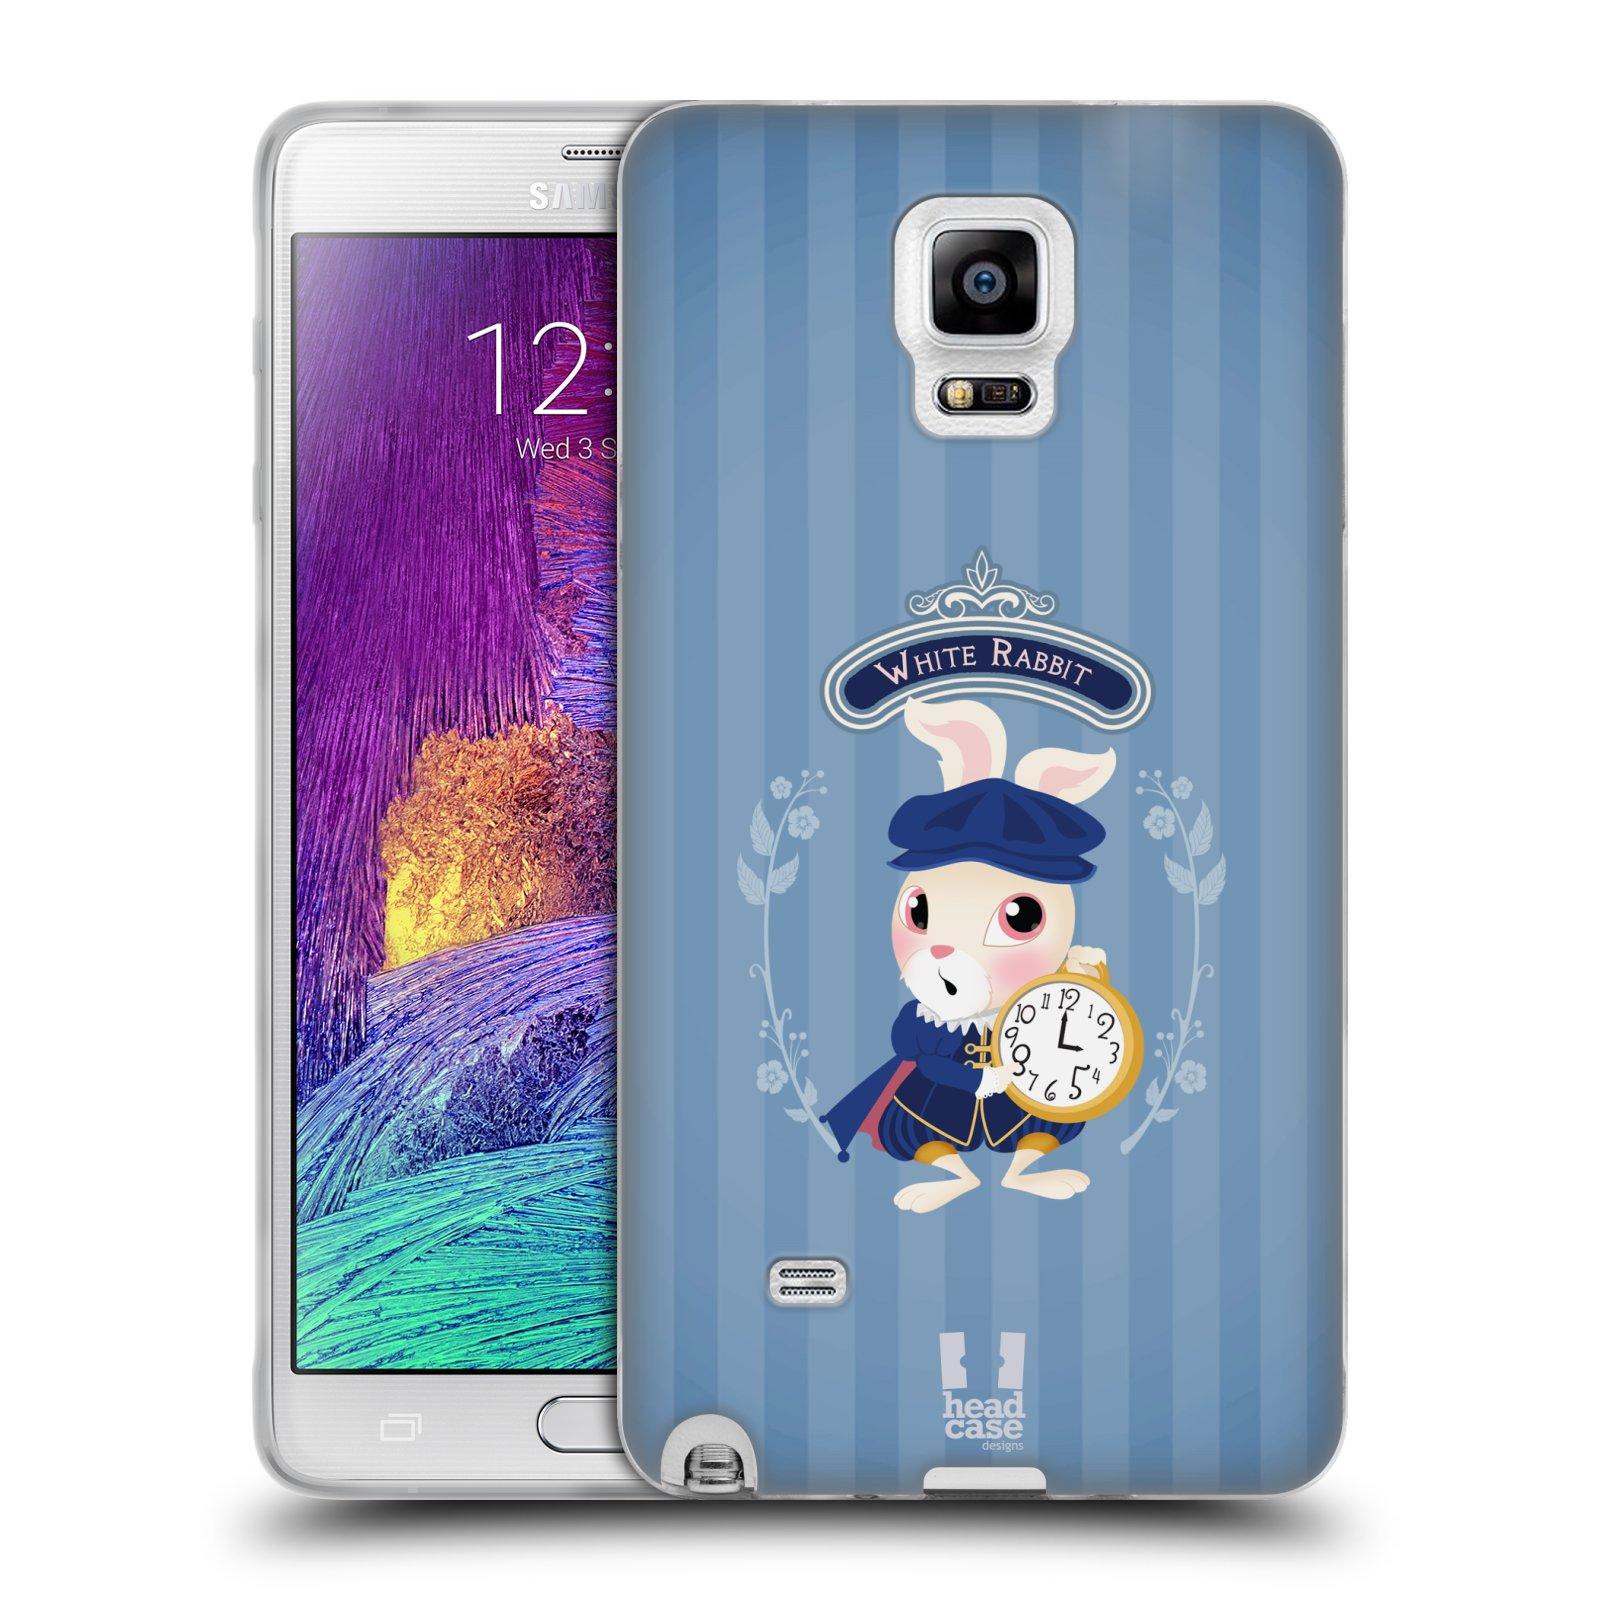 HEAD CASE silikonový obal na mobil Samsung Galaxy Note 4 (N910) vzor Alenka v říši divů králíček